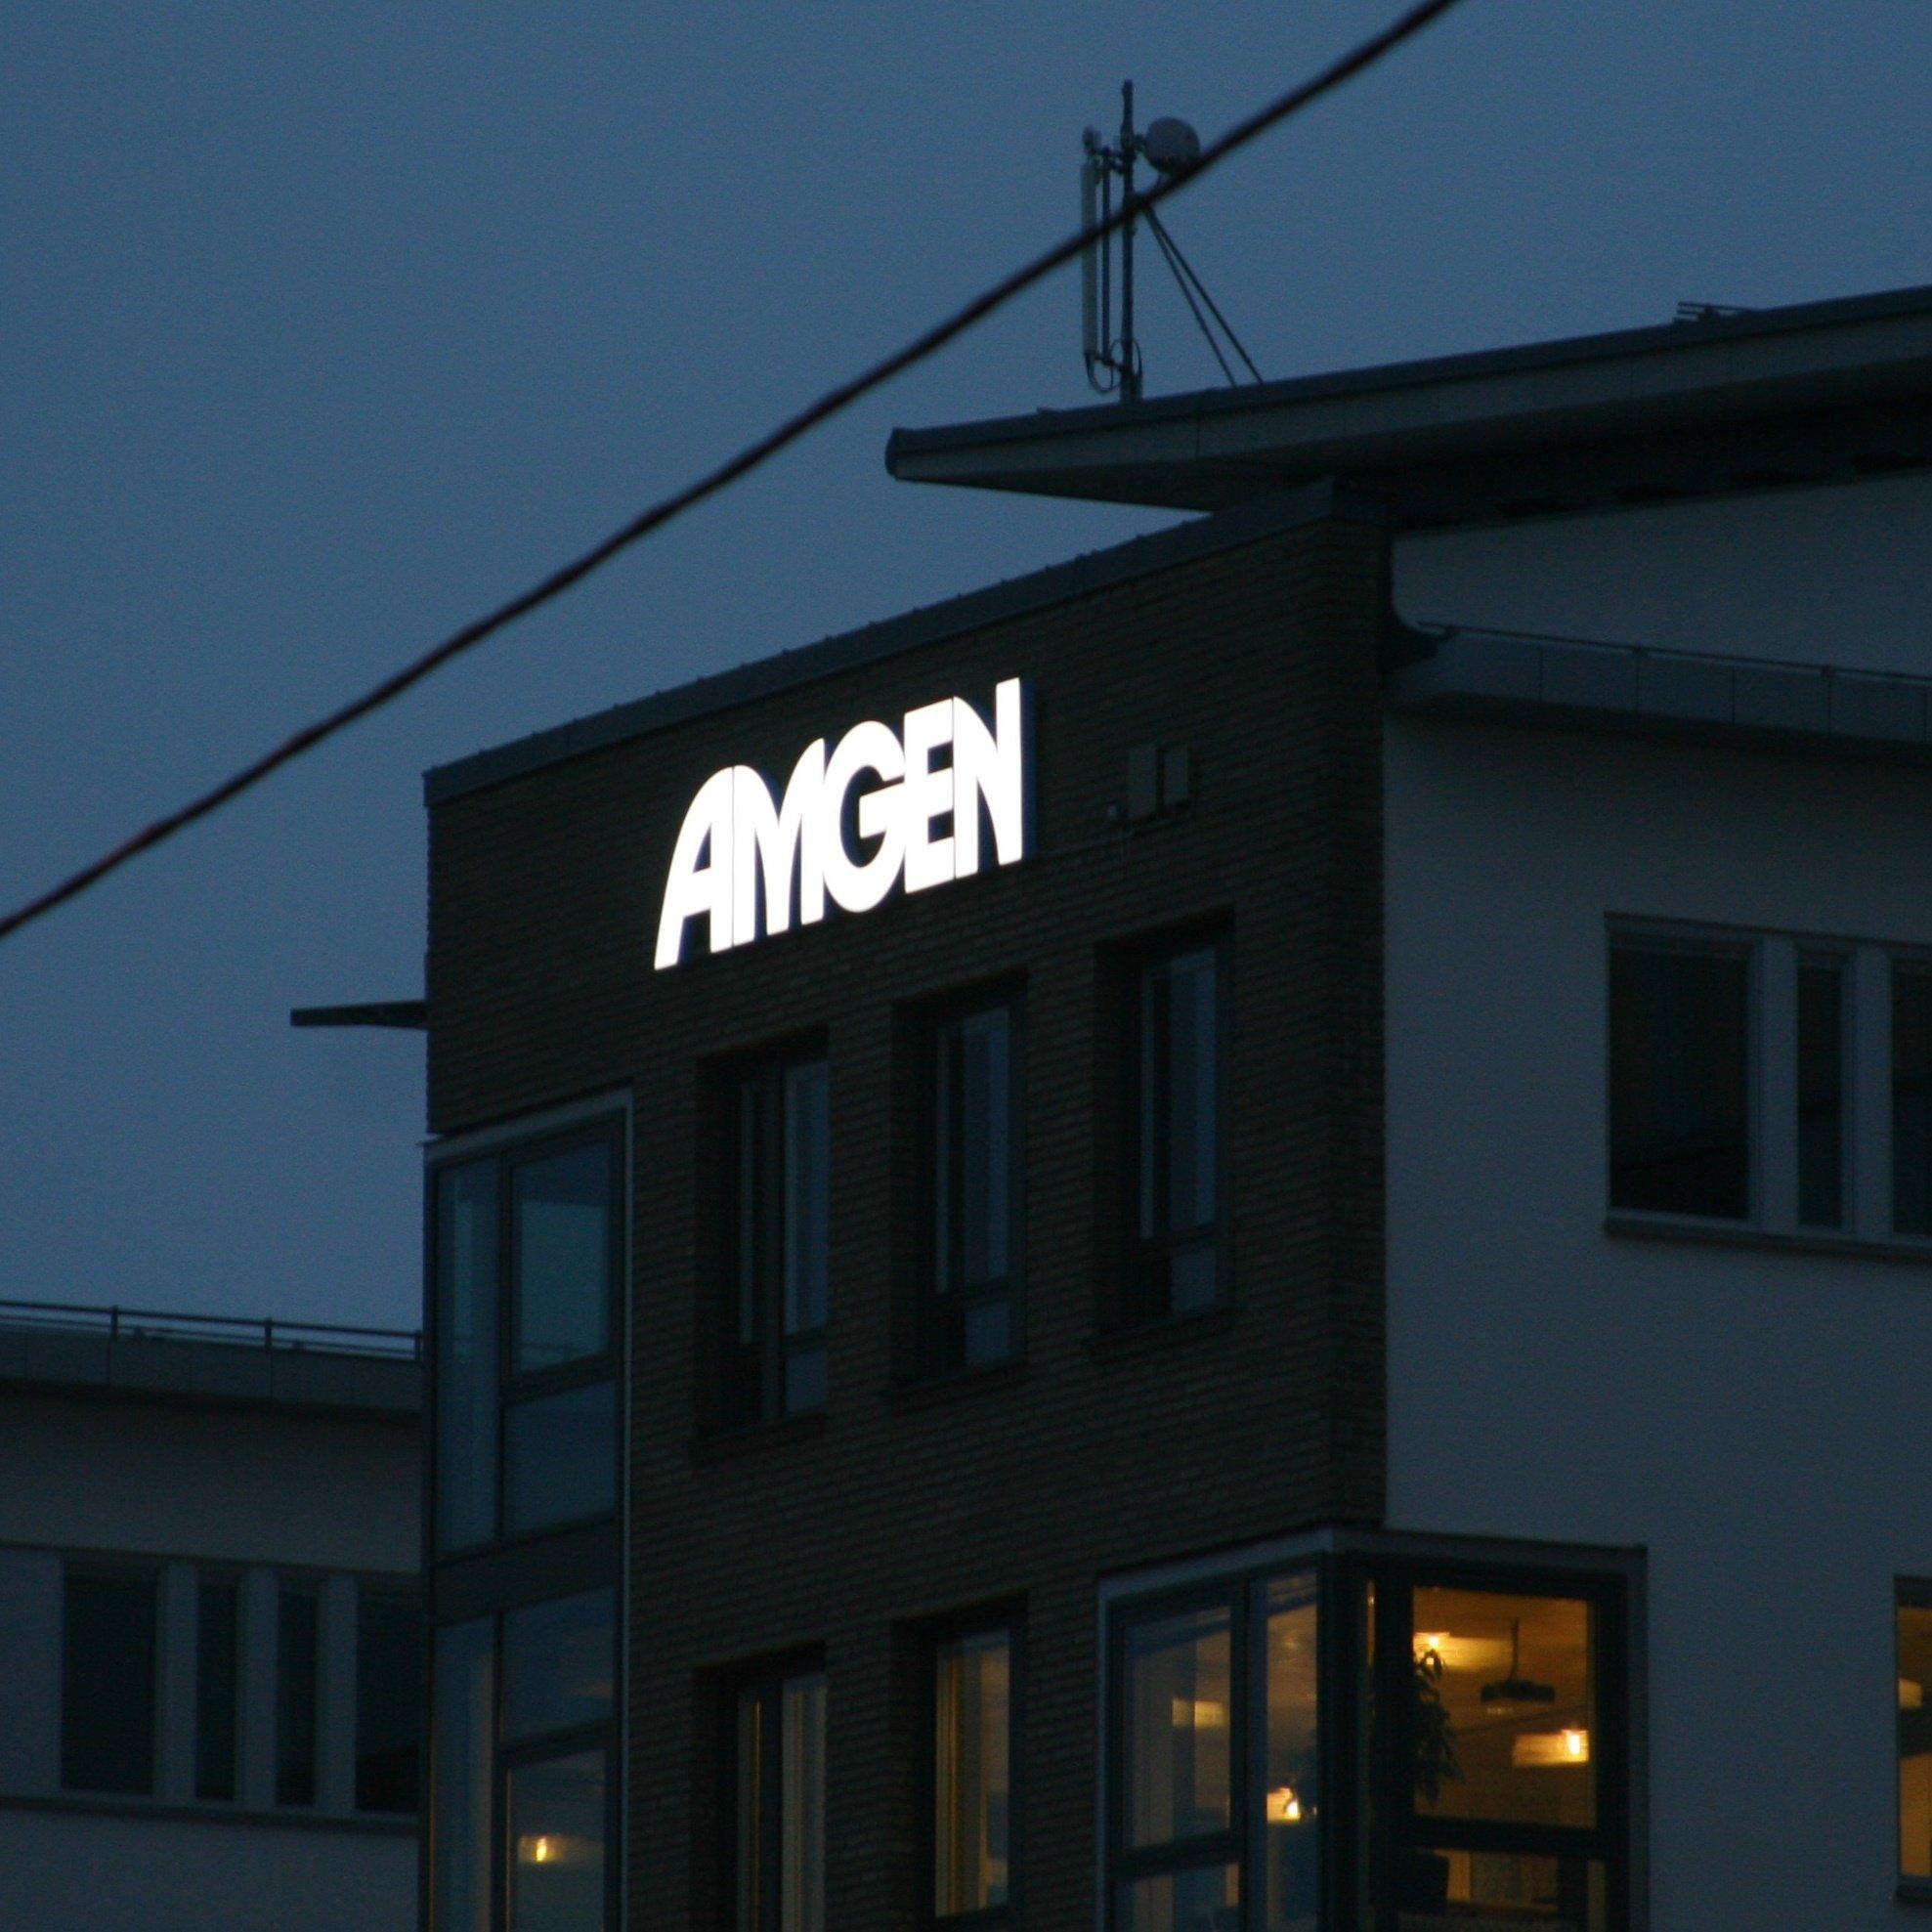 LED-skylt E4an Amgen